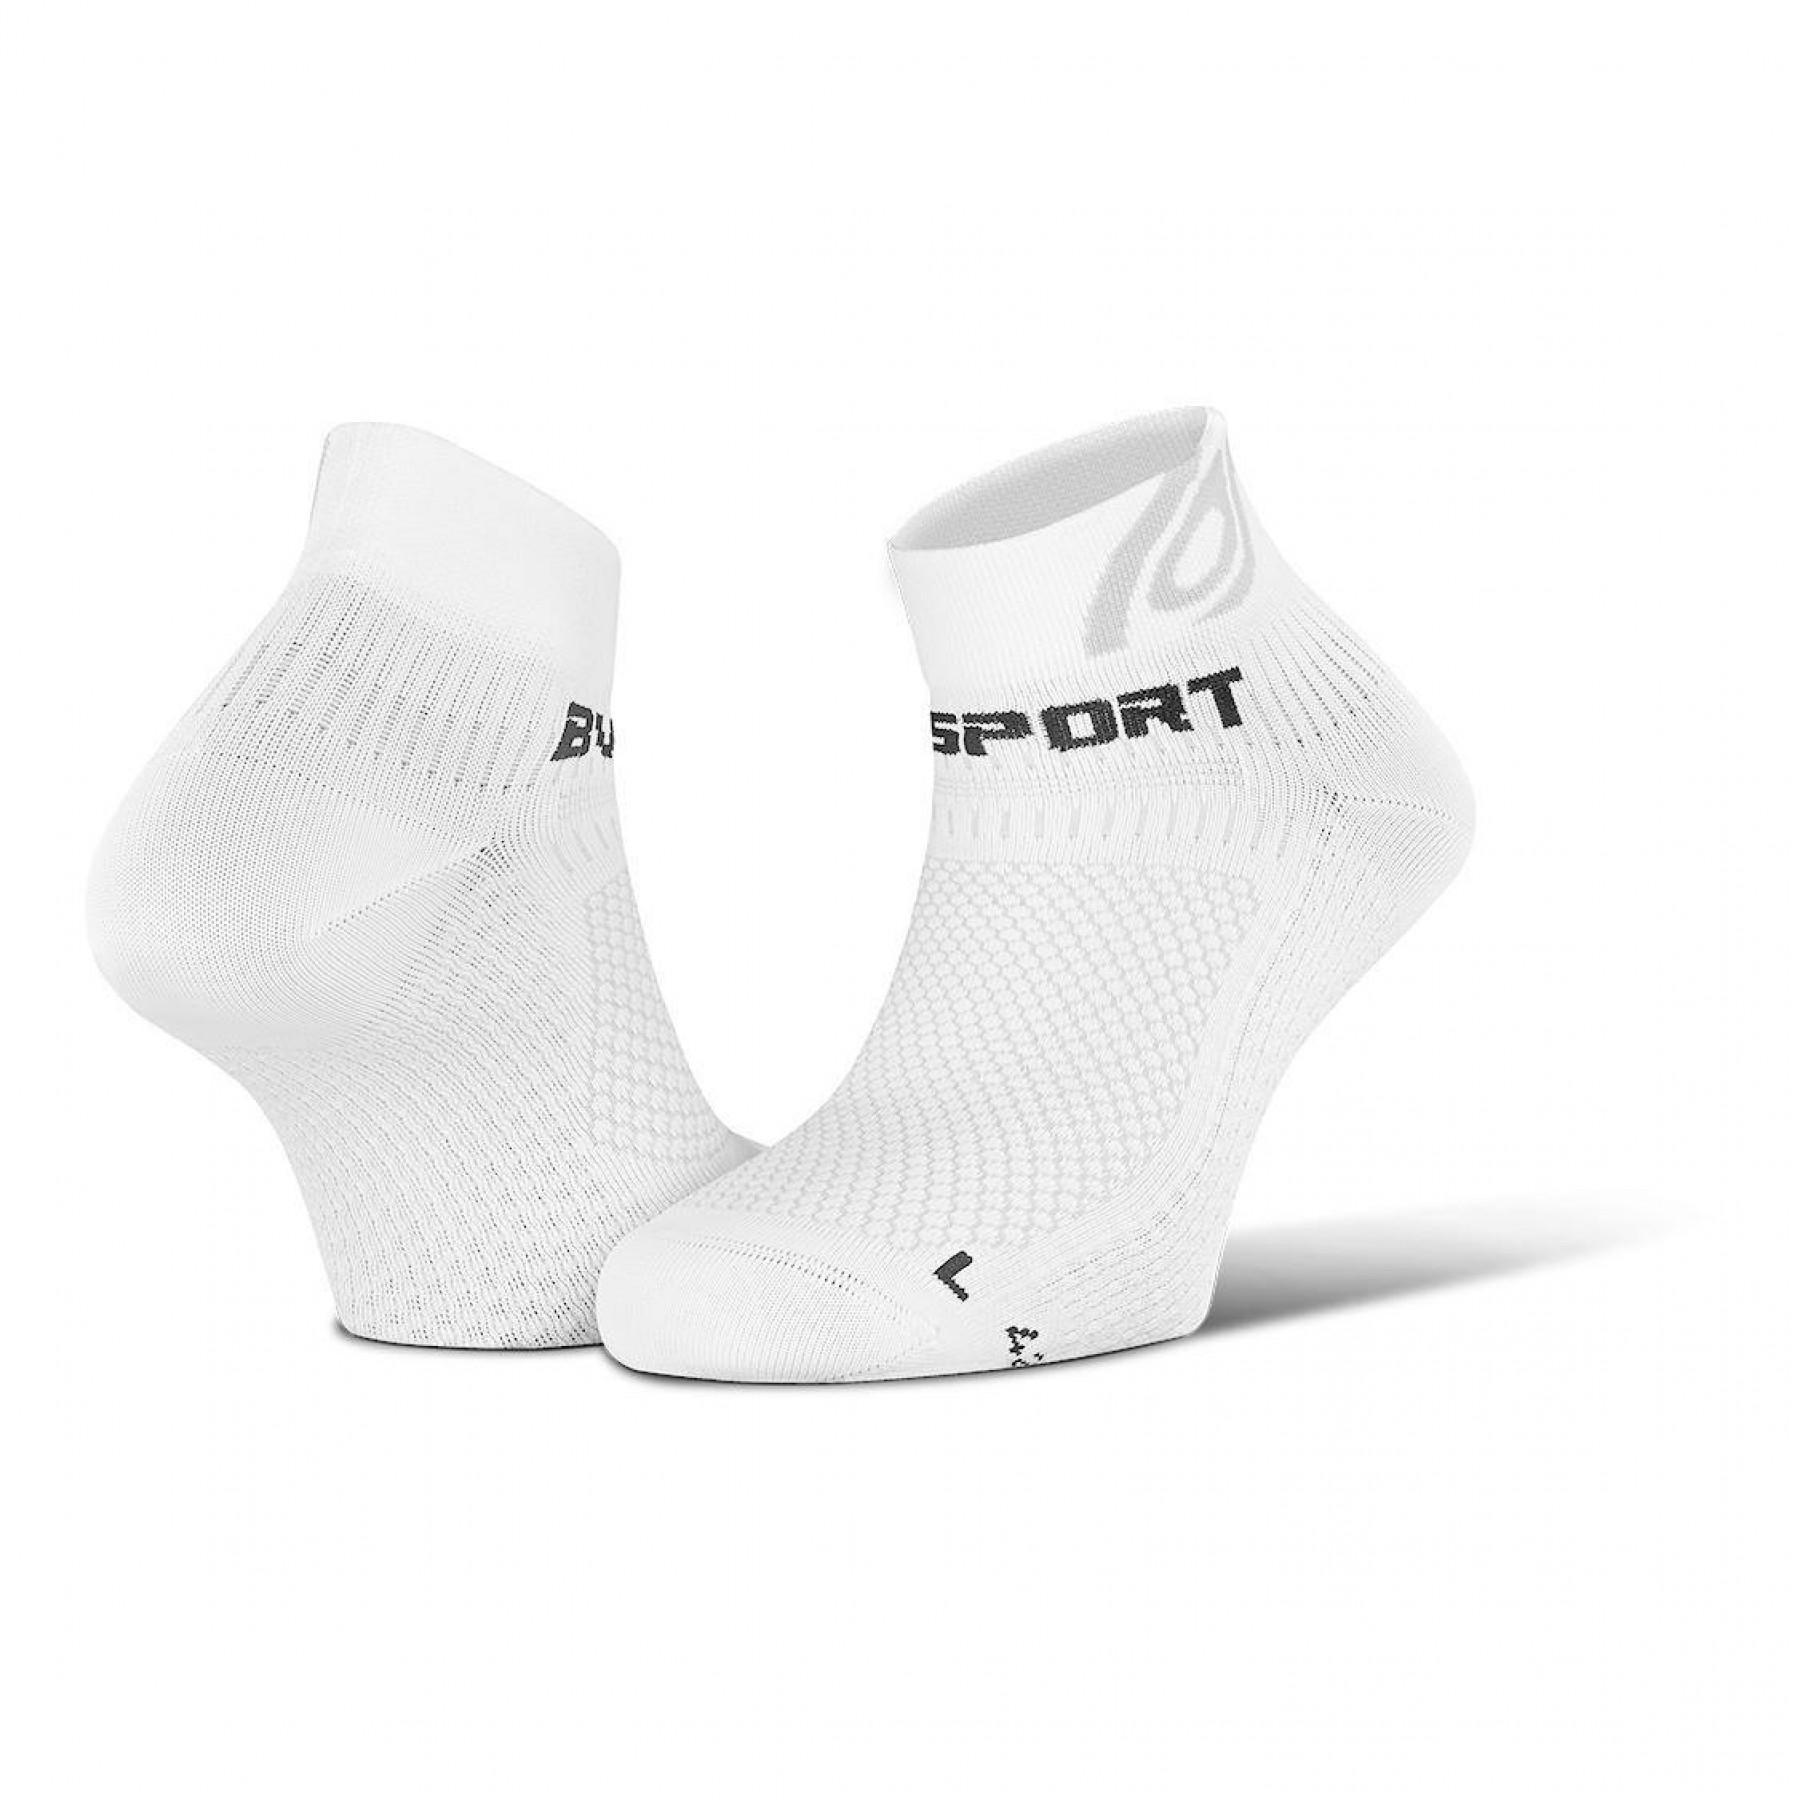 BV Sport Light 3D socks